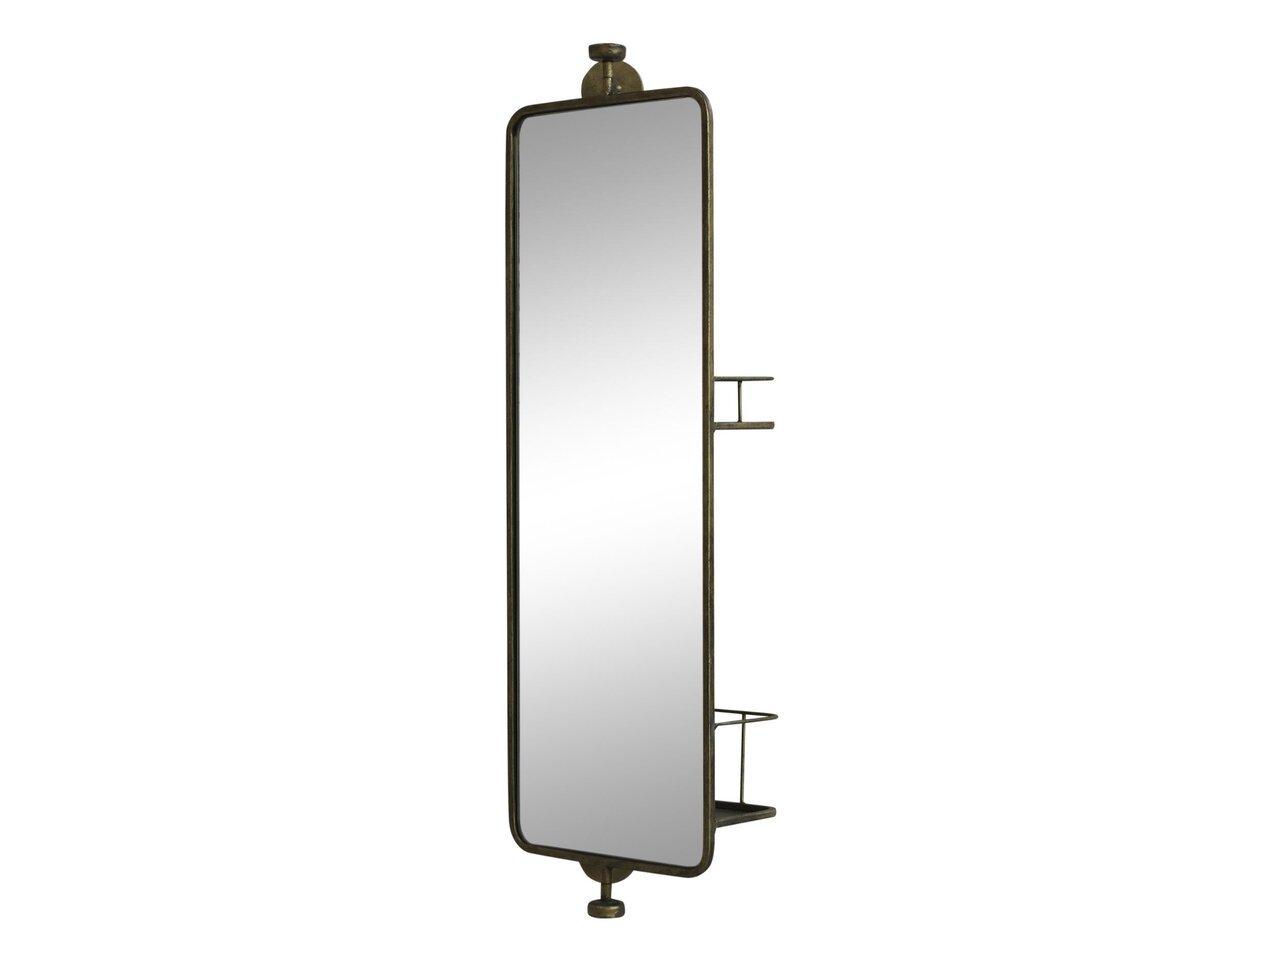 Chic Antique Spiegel mit 2 Regalen auf der Rückseite